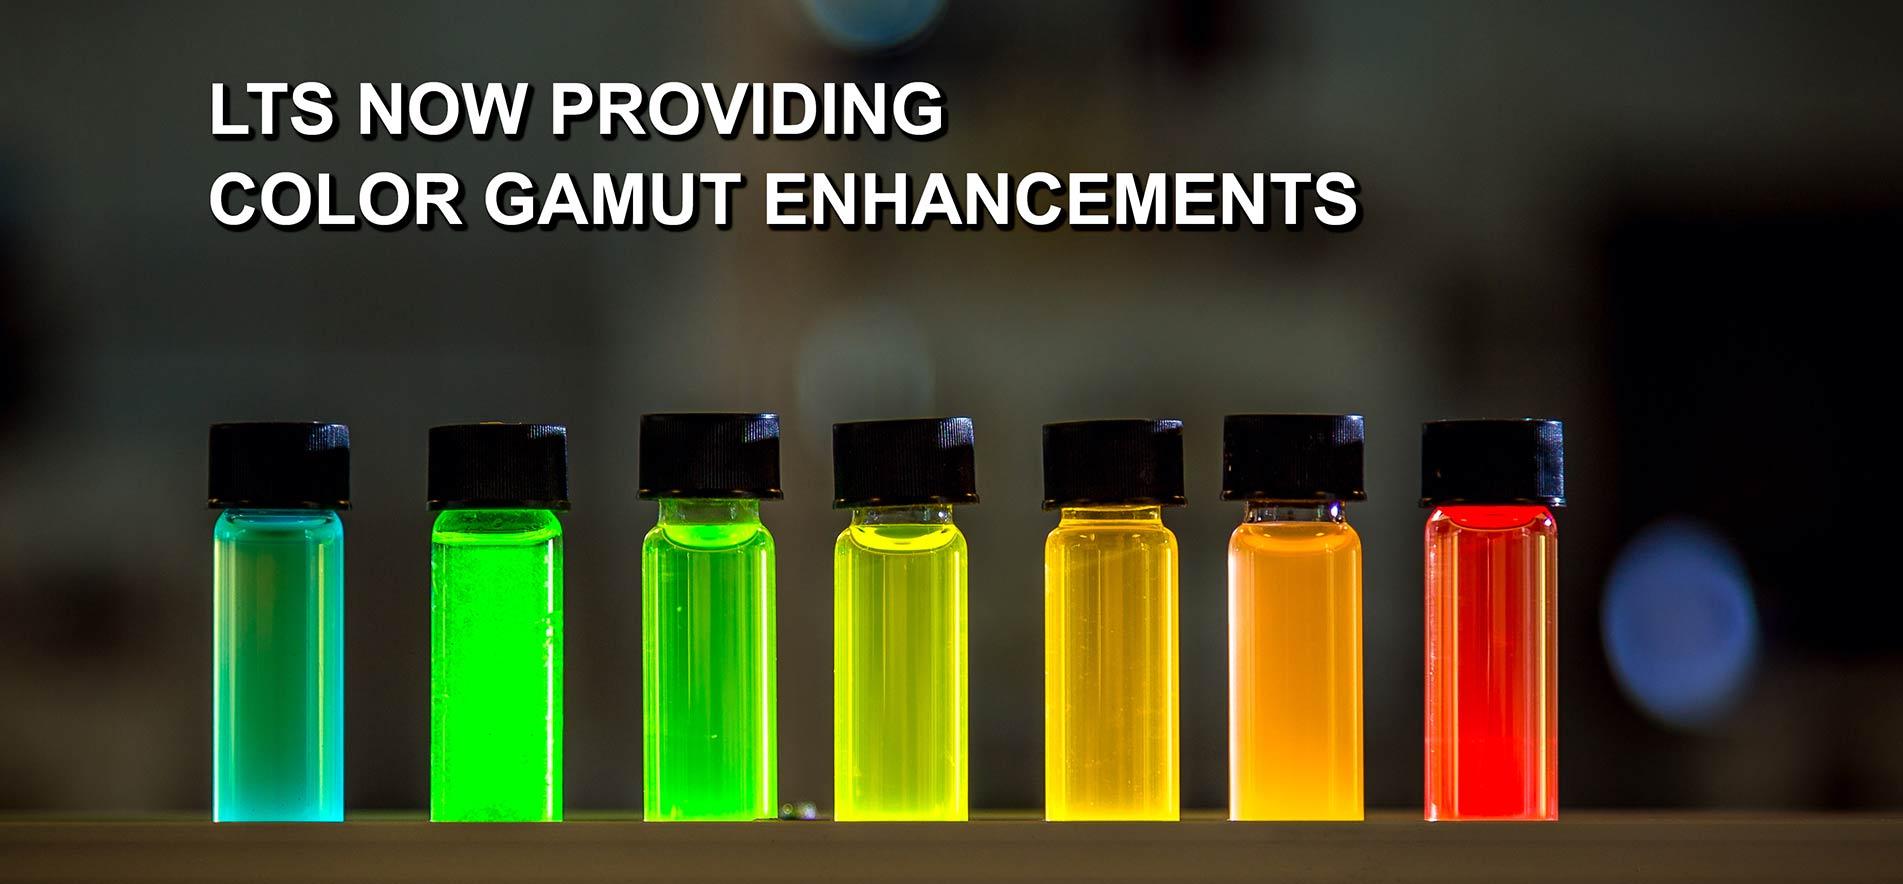 color gamut enhancements